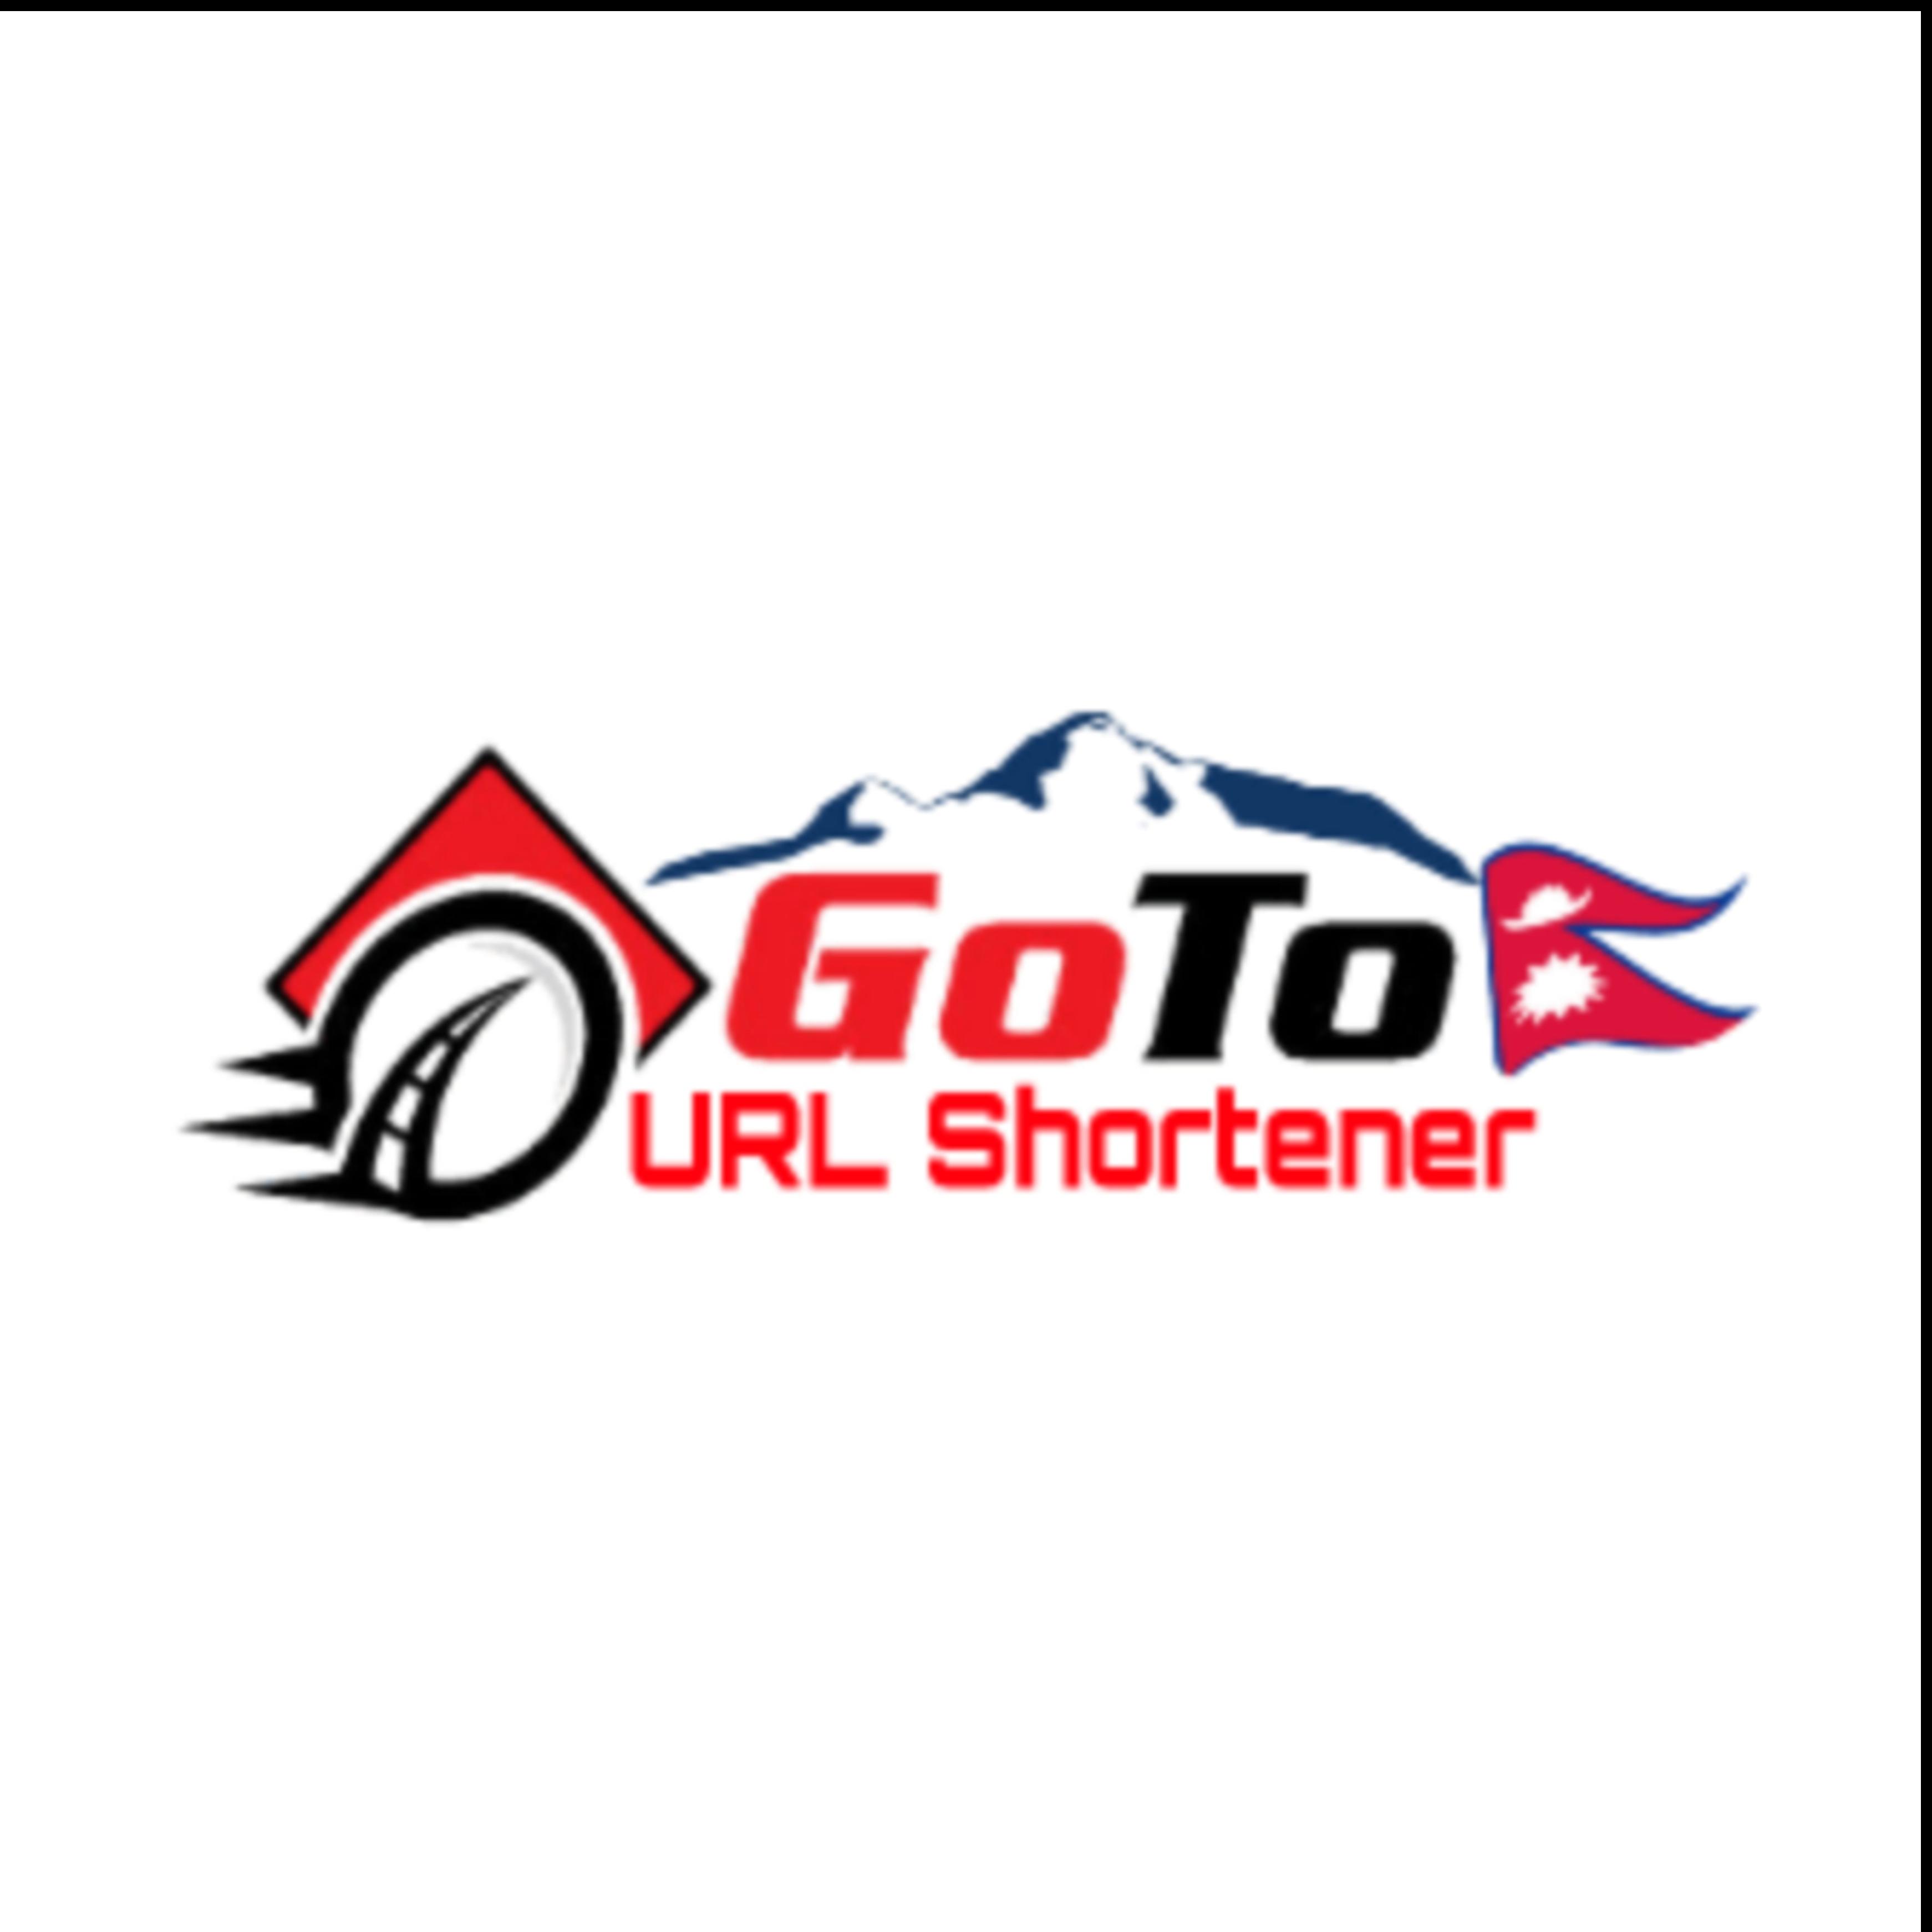 Goto Paid URL Shortener